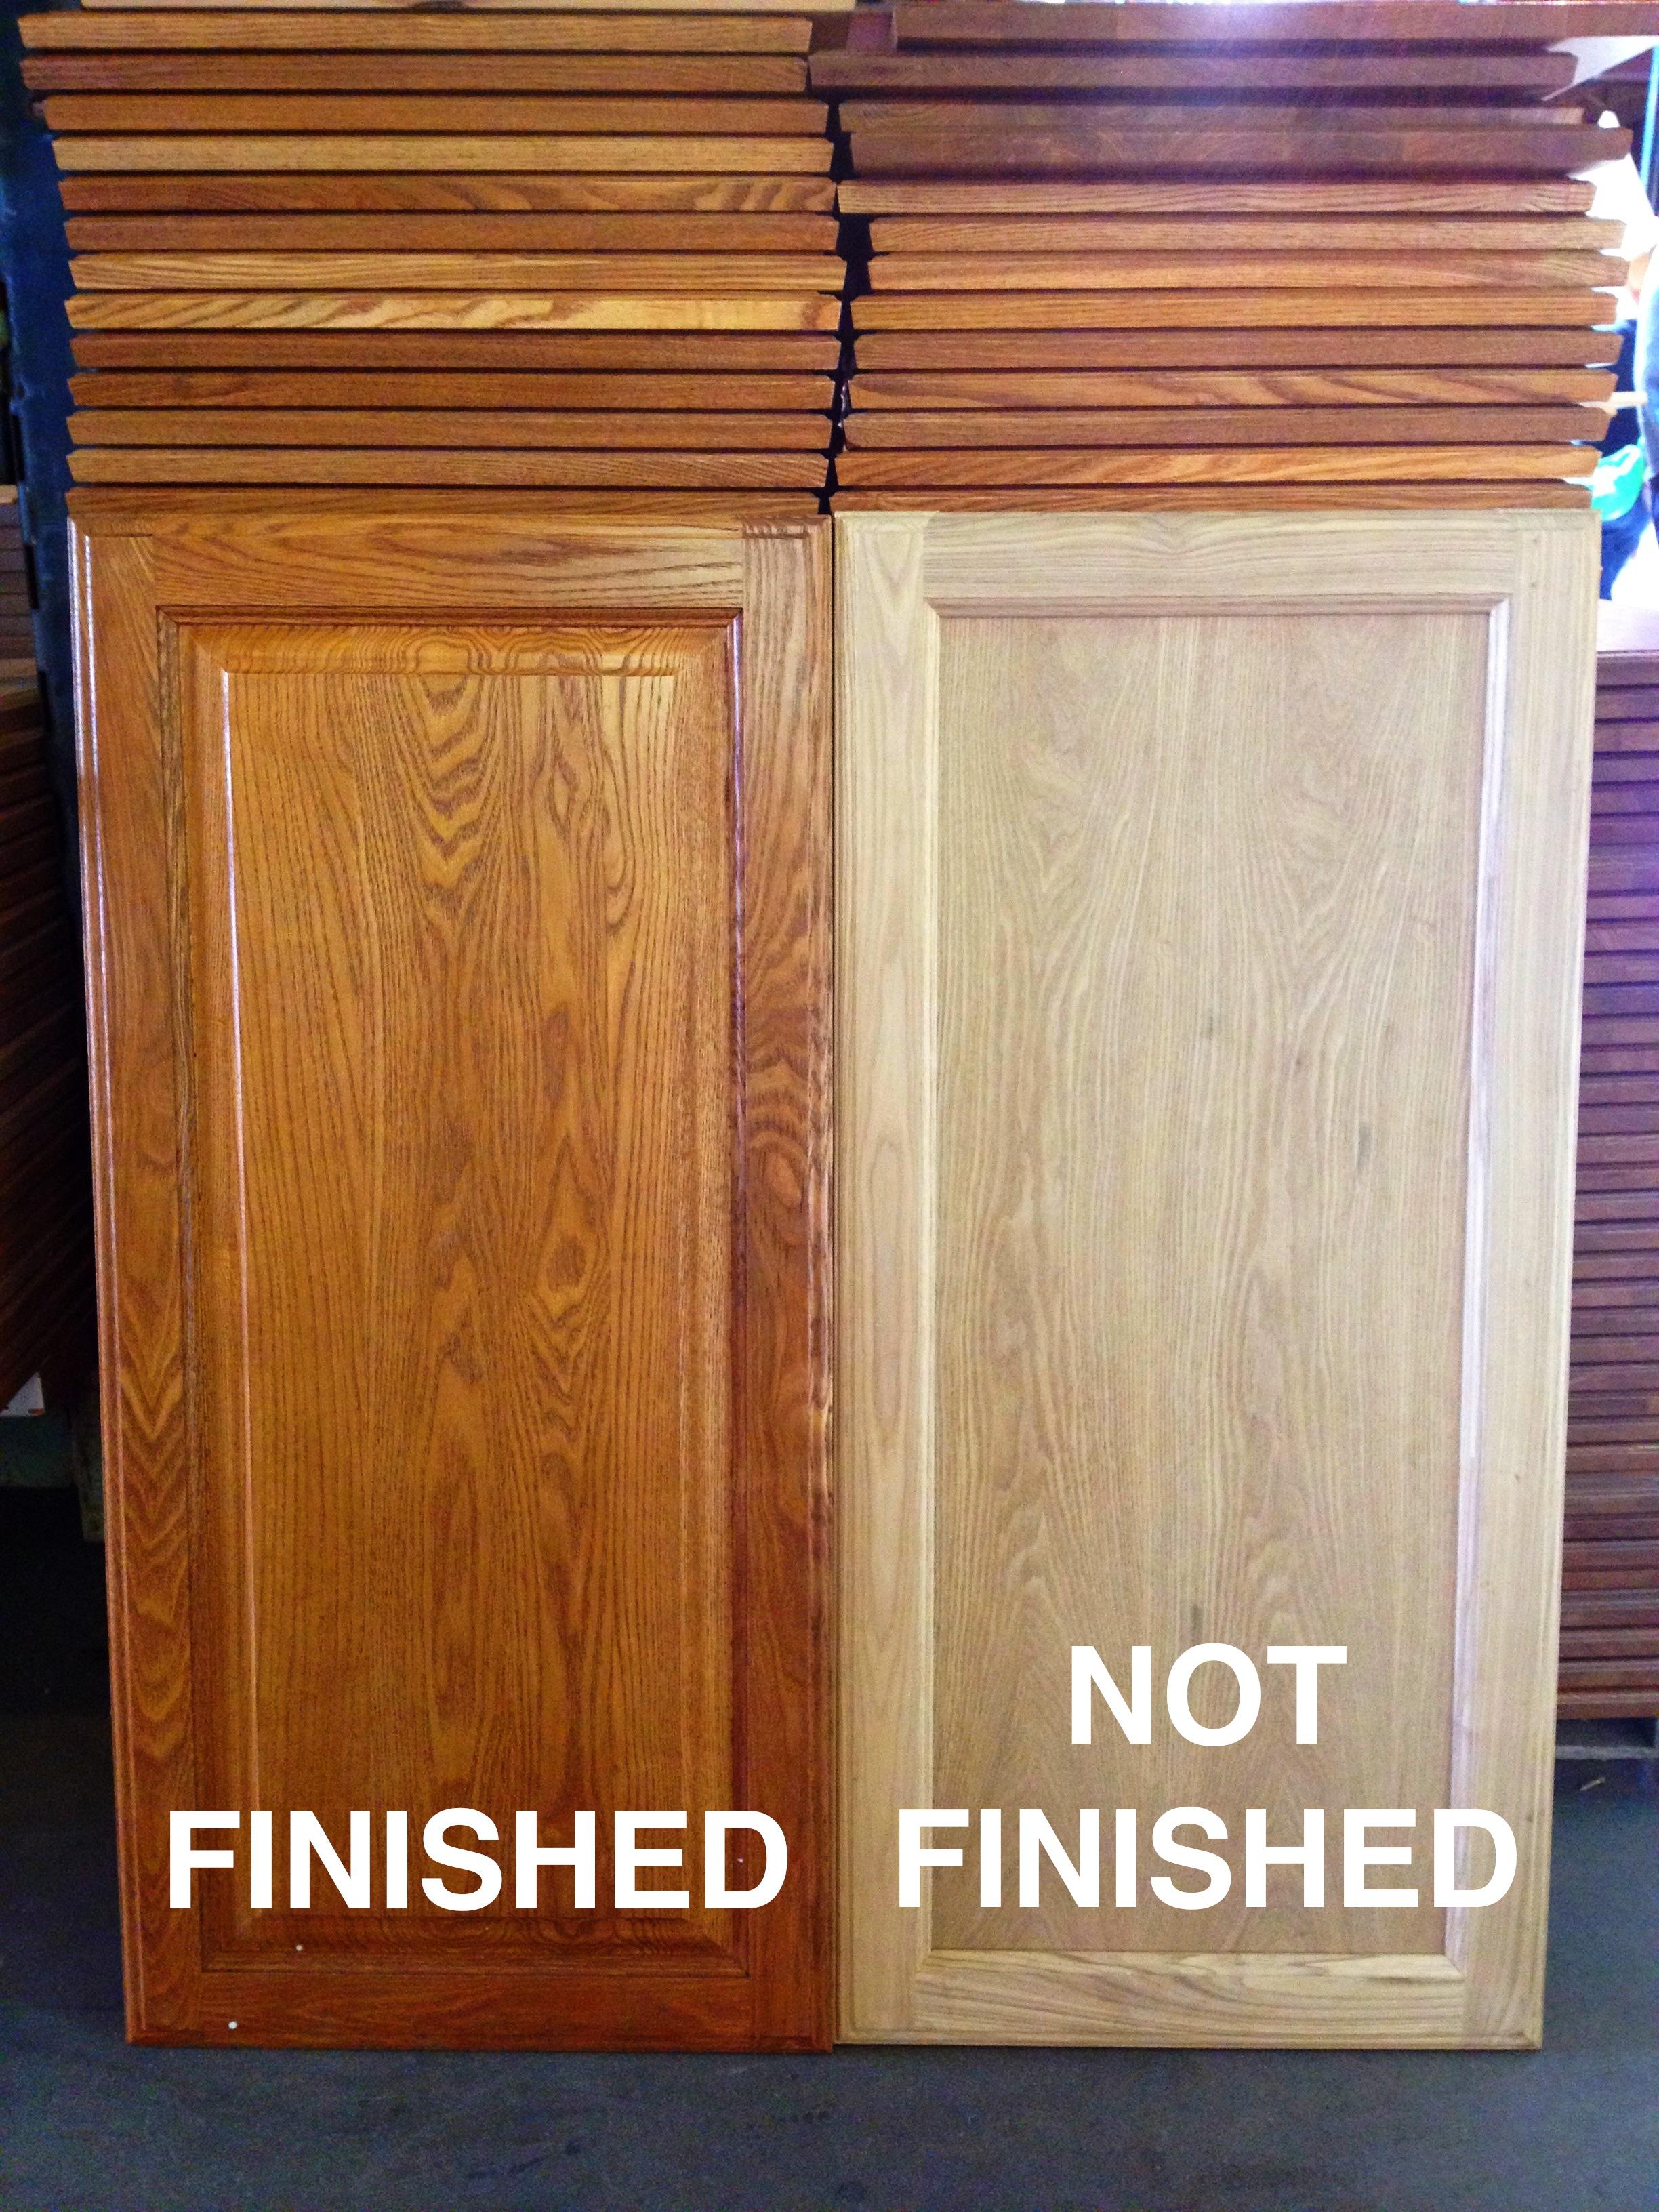 Unfinished kitchen cabinets denver co - Good Luxury Home Depot Unfinished Oak Kitchen Cabinets With Unfinished Cabinets